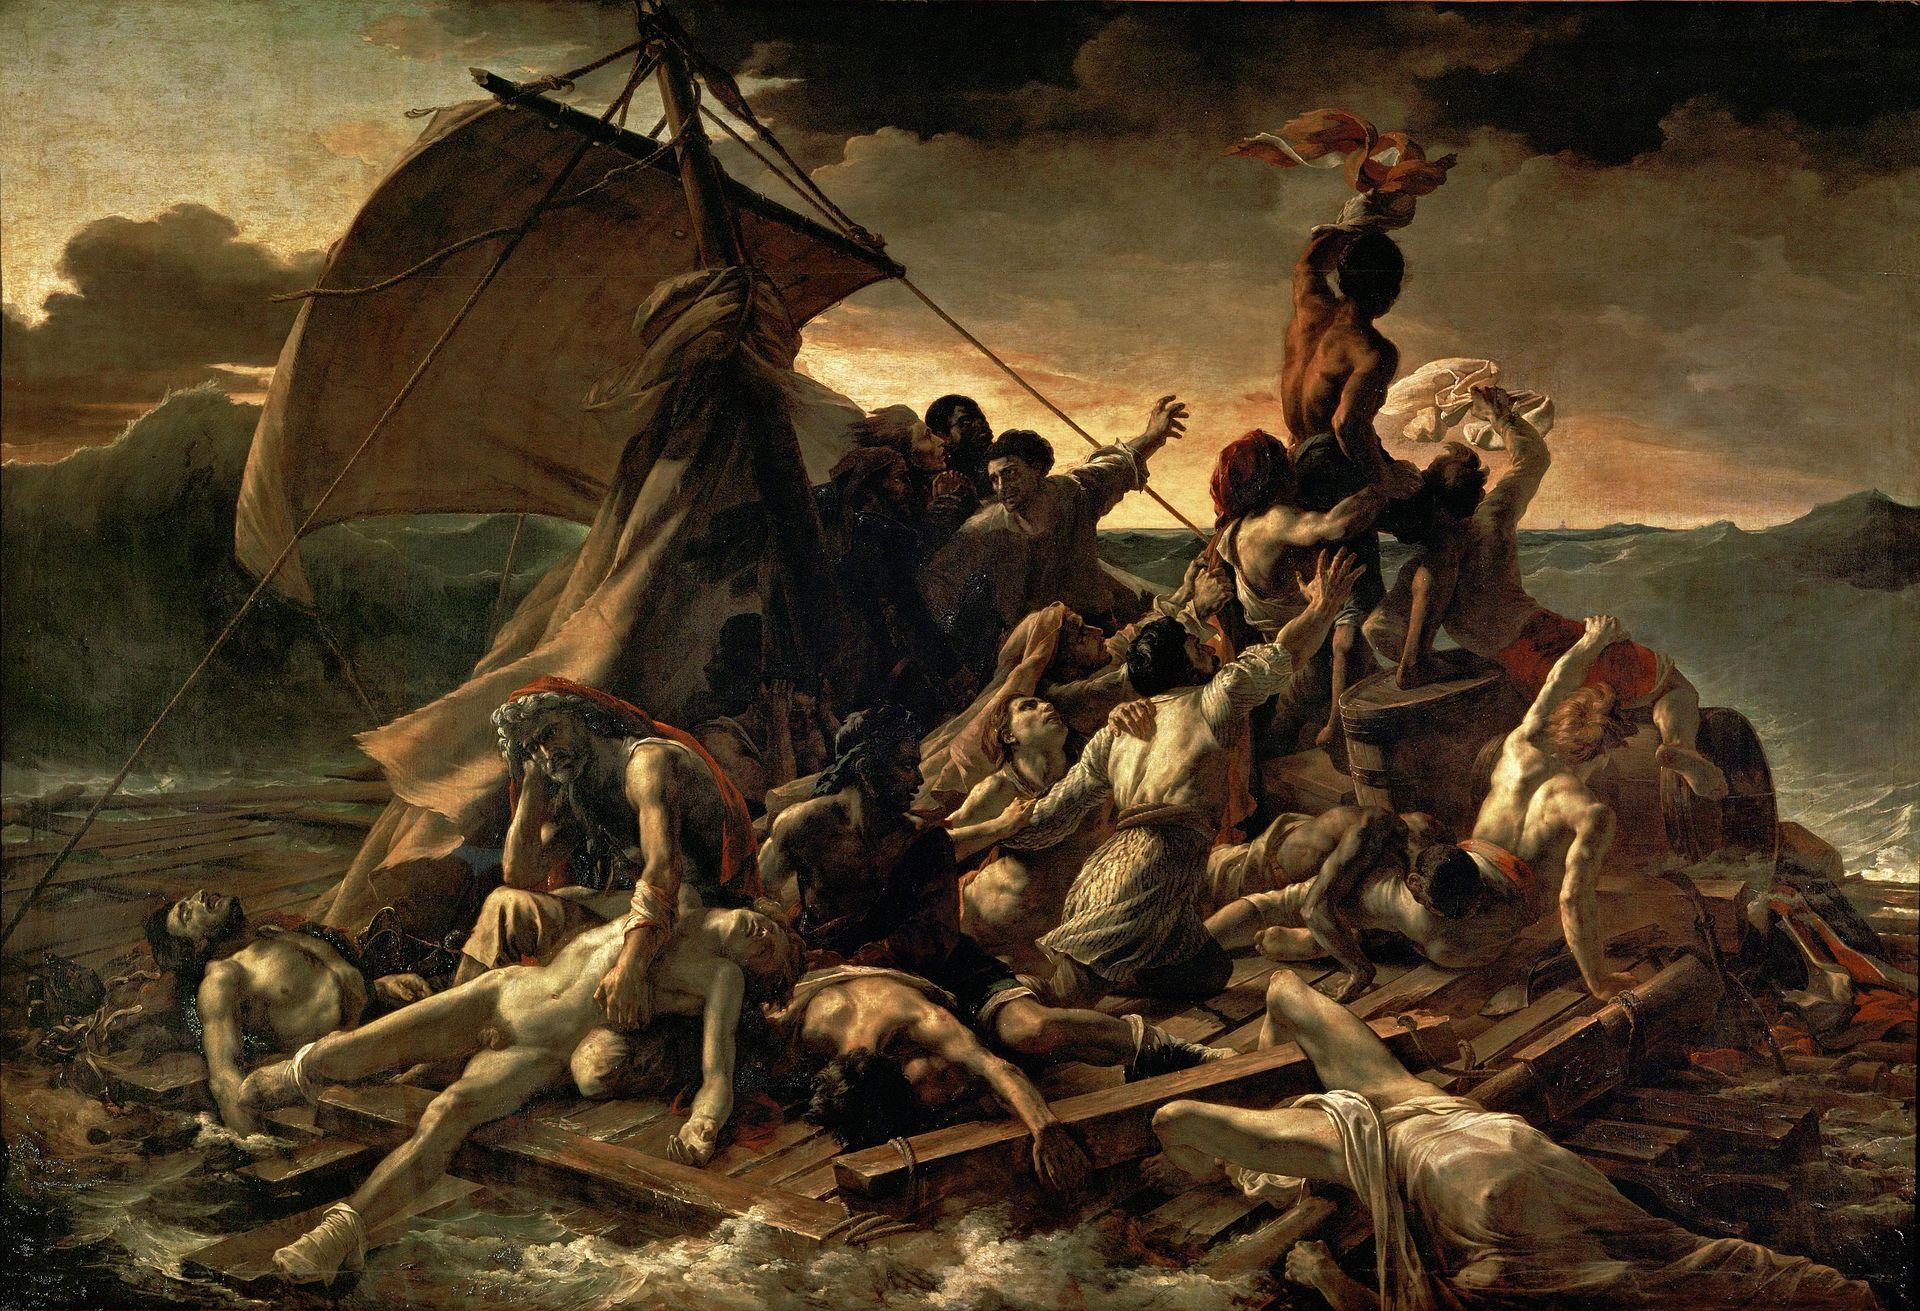 JEAN_LOUIS_THÉODORE_GÉRICAULT_-_La_Balsa_de_la_Medusa_(Museo_del_Louvre,_1818-19).jpg